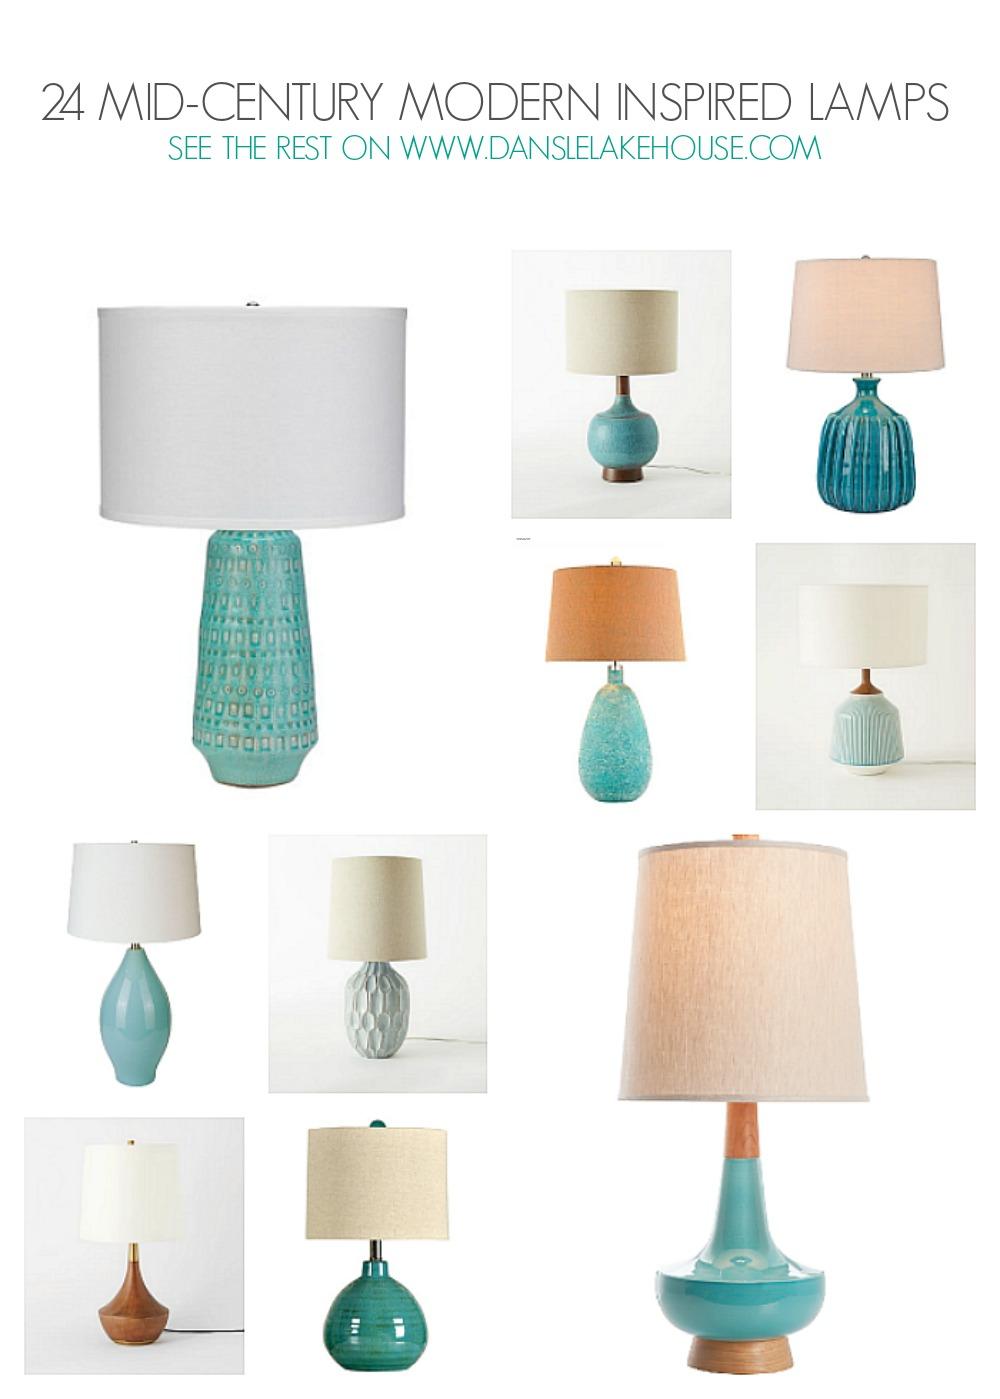 24 Stunning Mid-Century Modern Inspired Lamps - See the Rest on www.danslelakehouse.com // mid-century modern inspired home decor